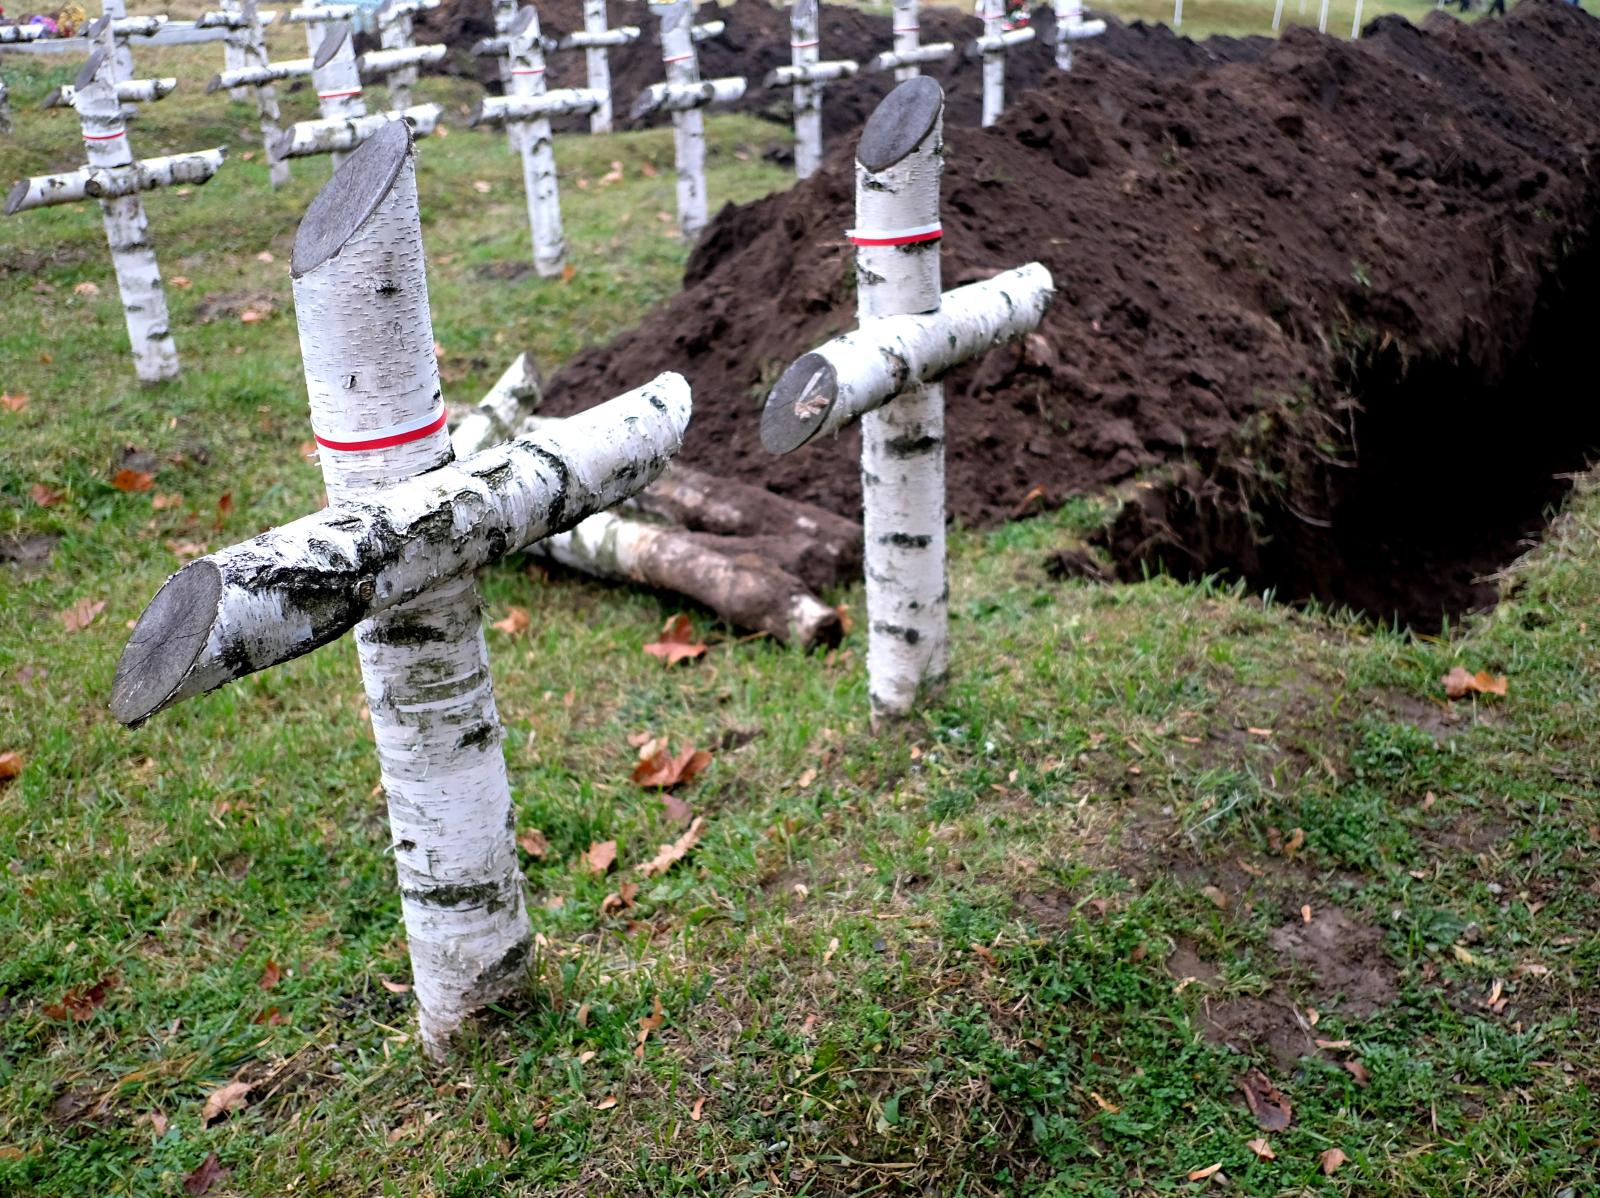 Uroczystoœci pogrzebowe szcztków 27 żołnierzy Wojska Polskiego na cmentarzu w Mośœciskach na Ukrainie. Fot.PAP/Darek Delmanowicz